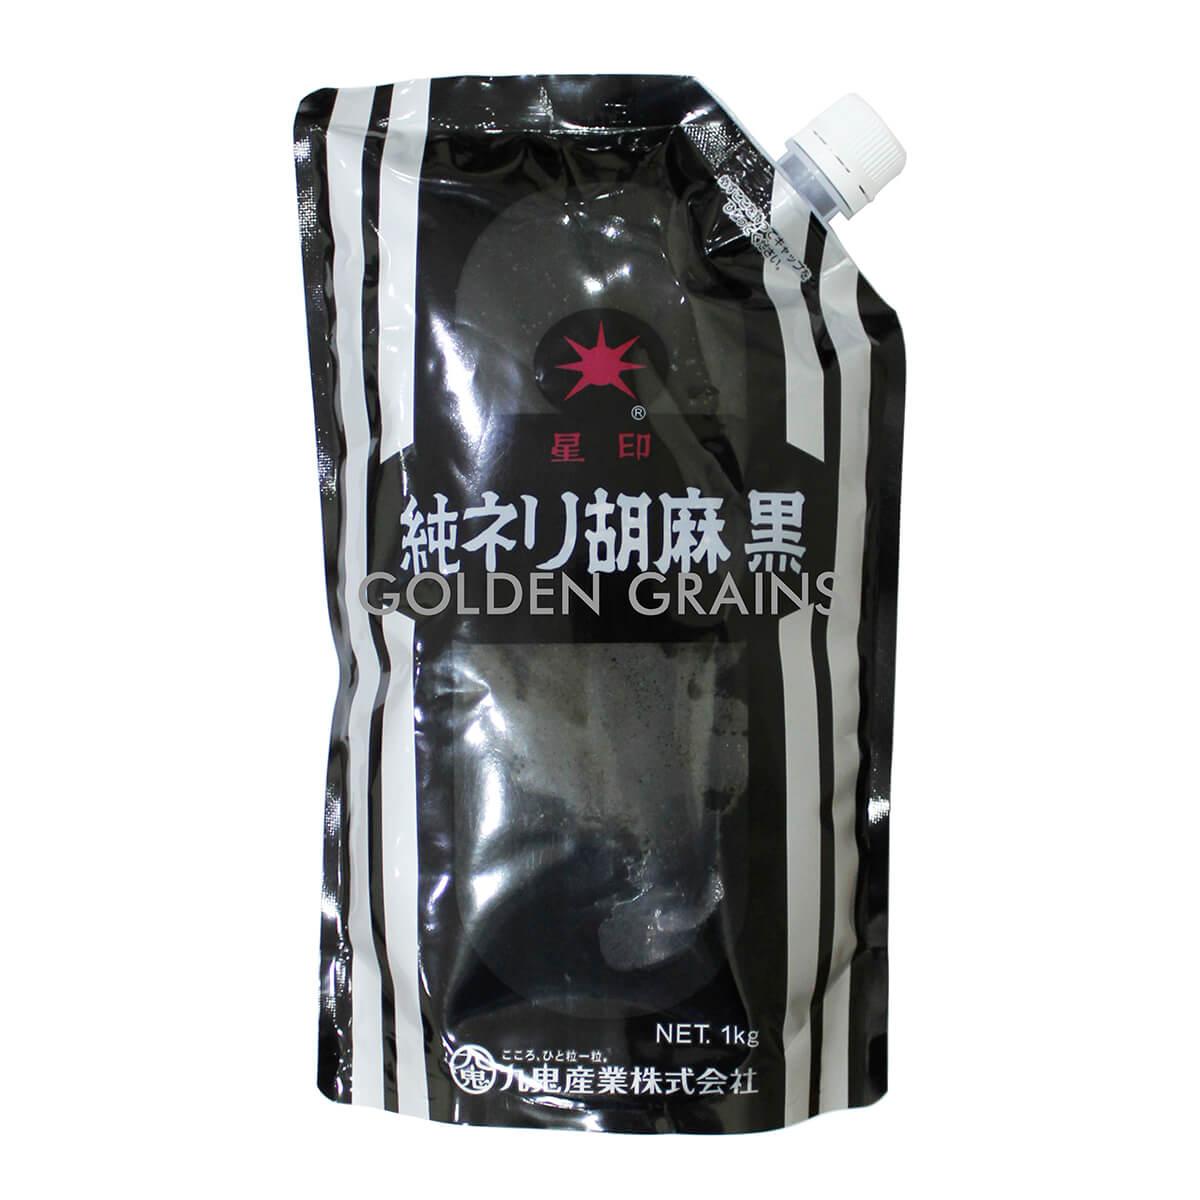 Golden Grains Kuki - Black Sesame Paste - Front.jpg